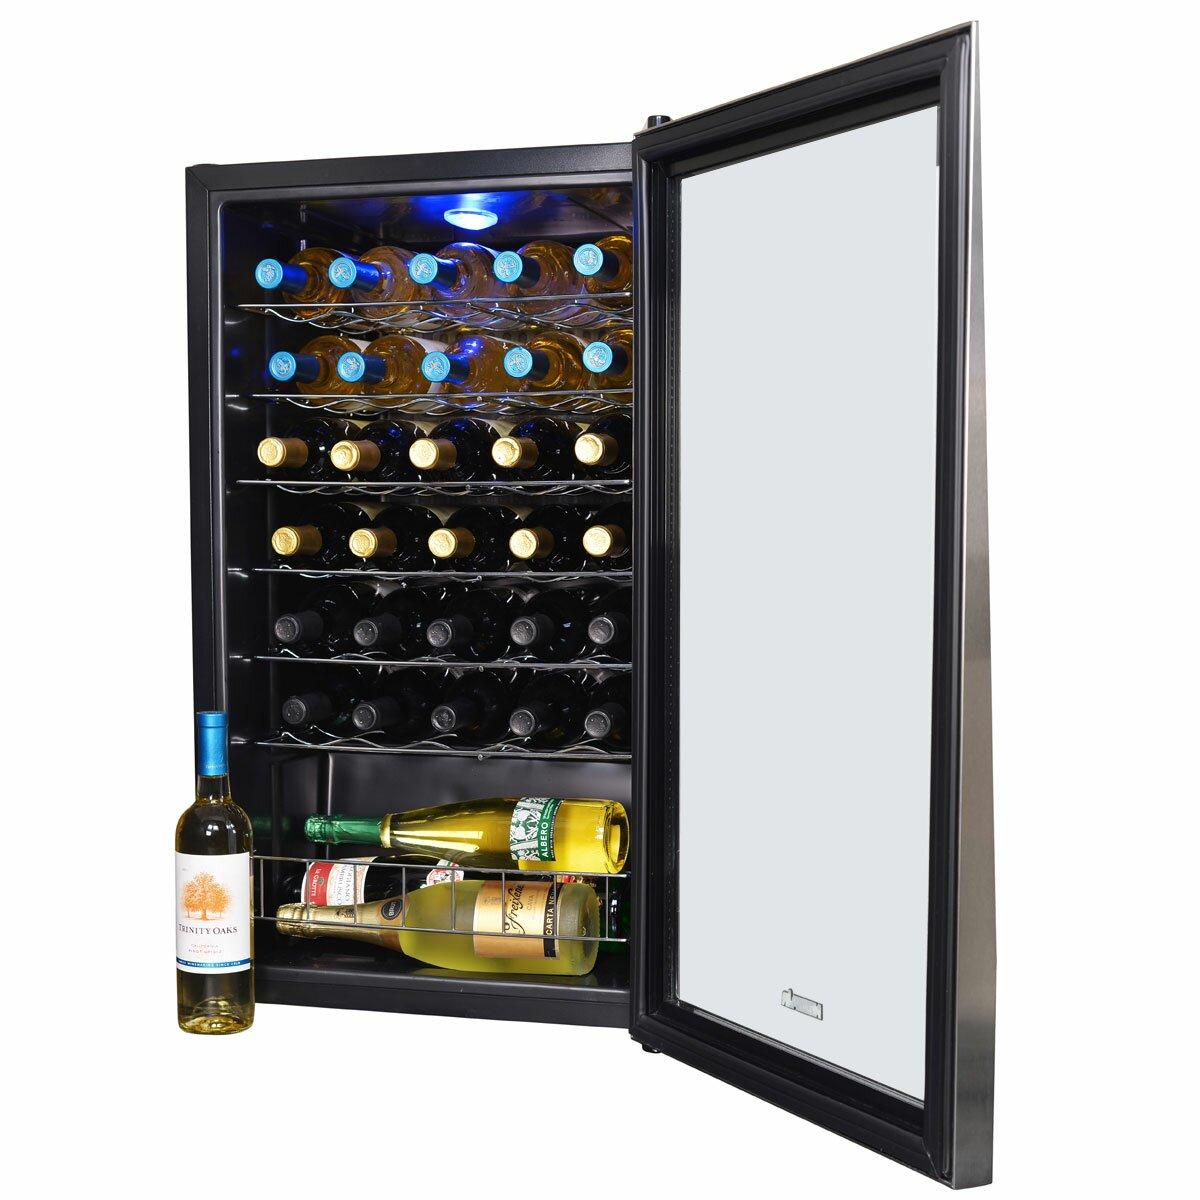 Newair 33 Bottle Single Zone Freestanding Wine